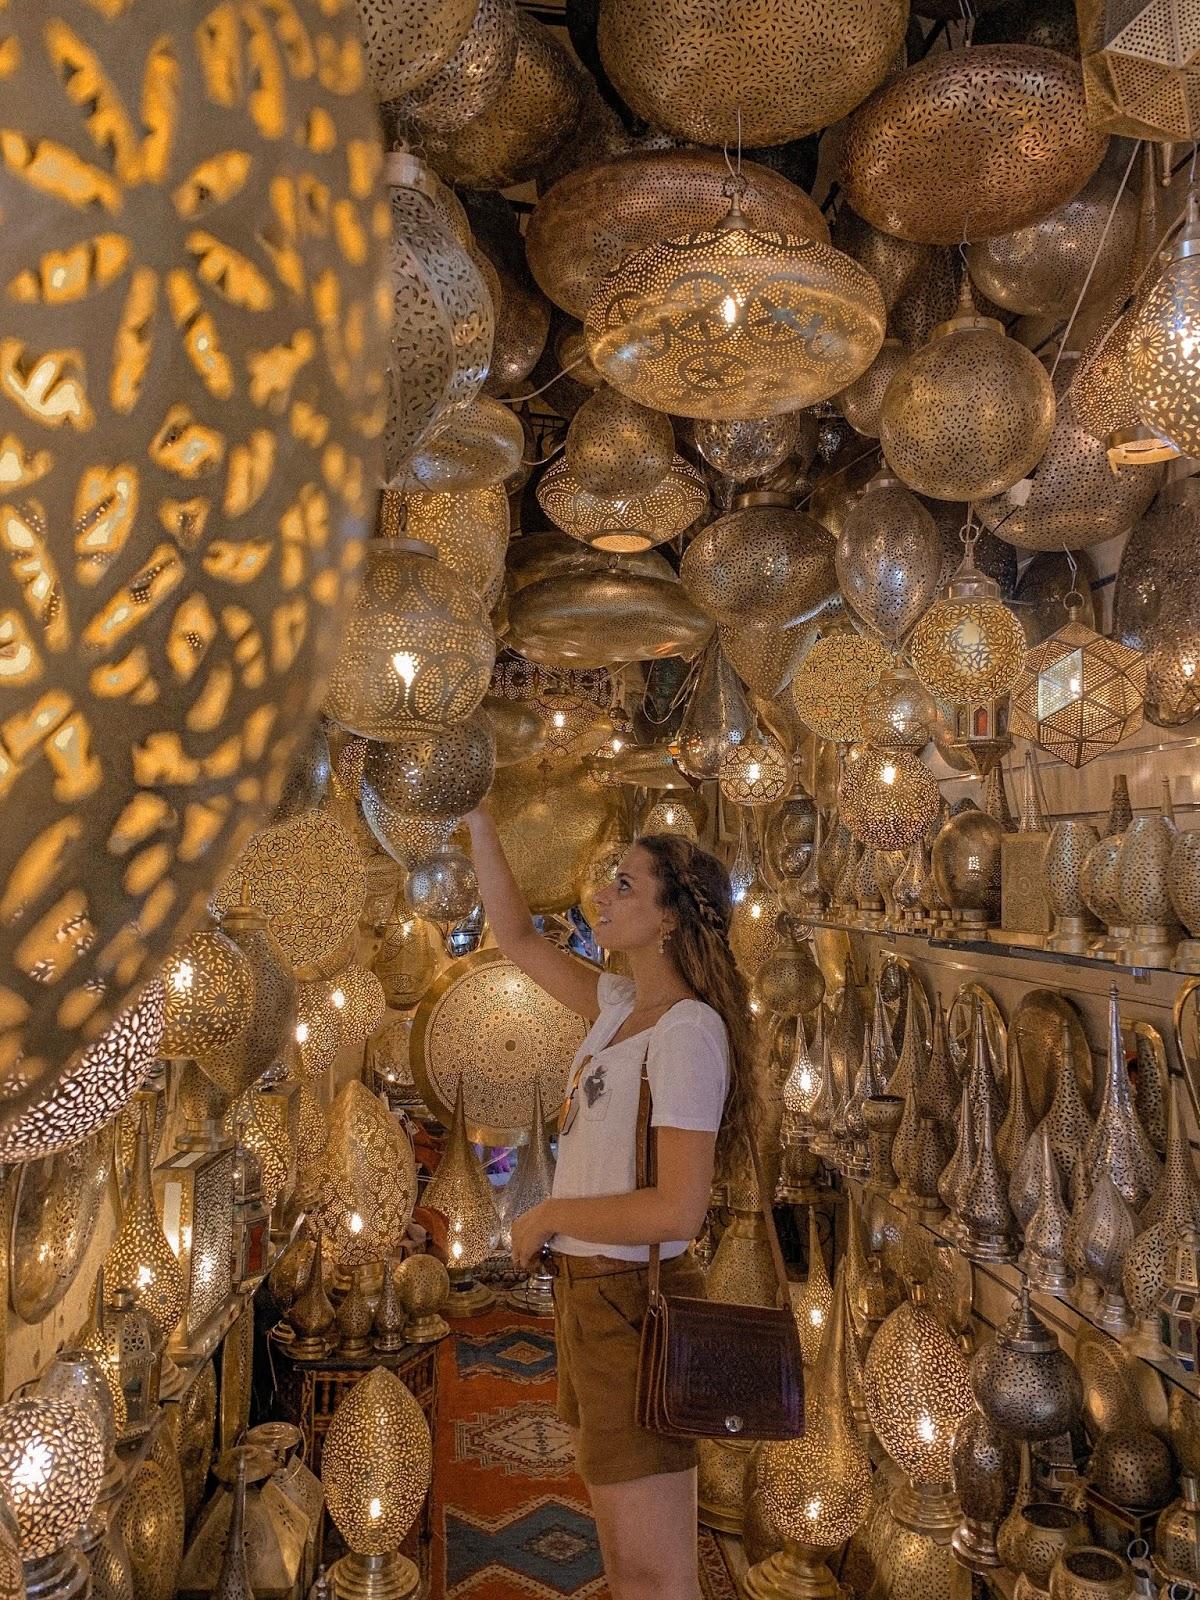 viaggio in Marocco cosa vedere dove dormire e mangiare Marrakech, Valentina Rago, fashion need, cosa vedere a Marrakech